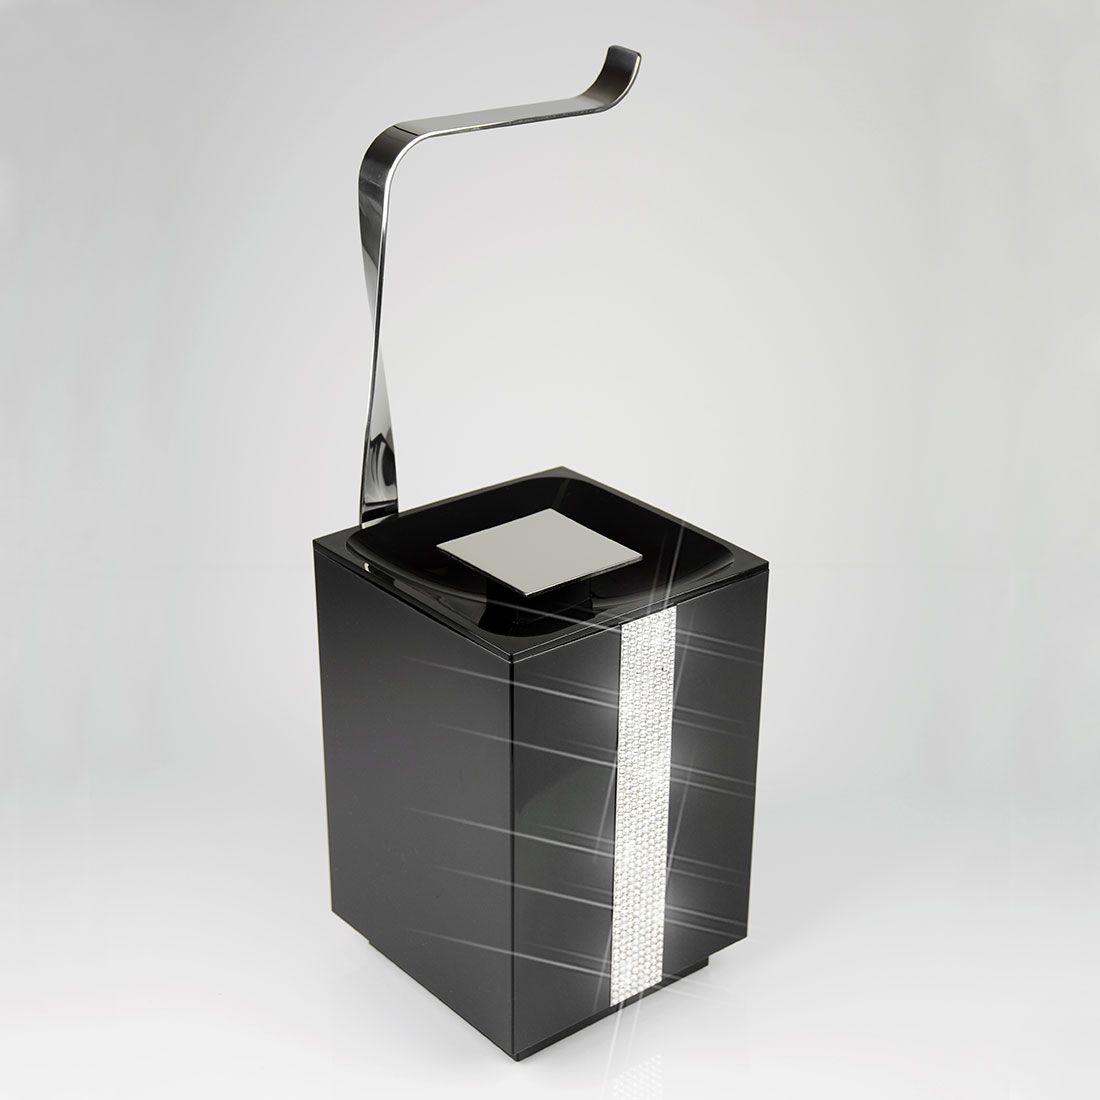 Papeleira de Chão com Lixeira 5 Litros Glam para Banheiros e Lavabos